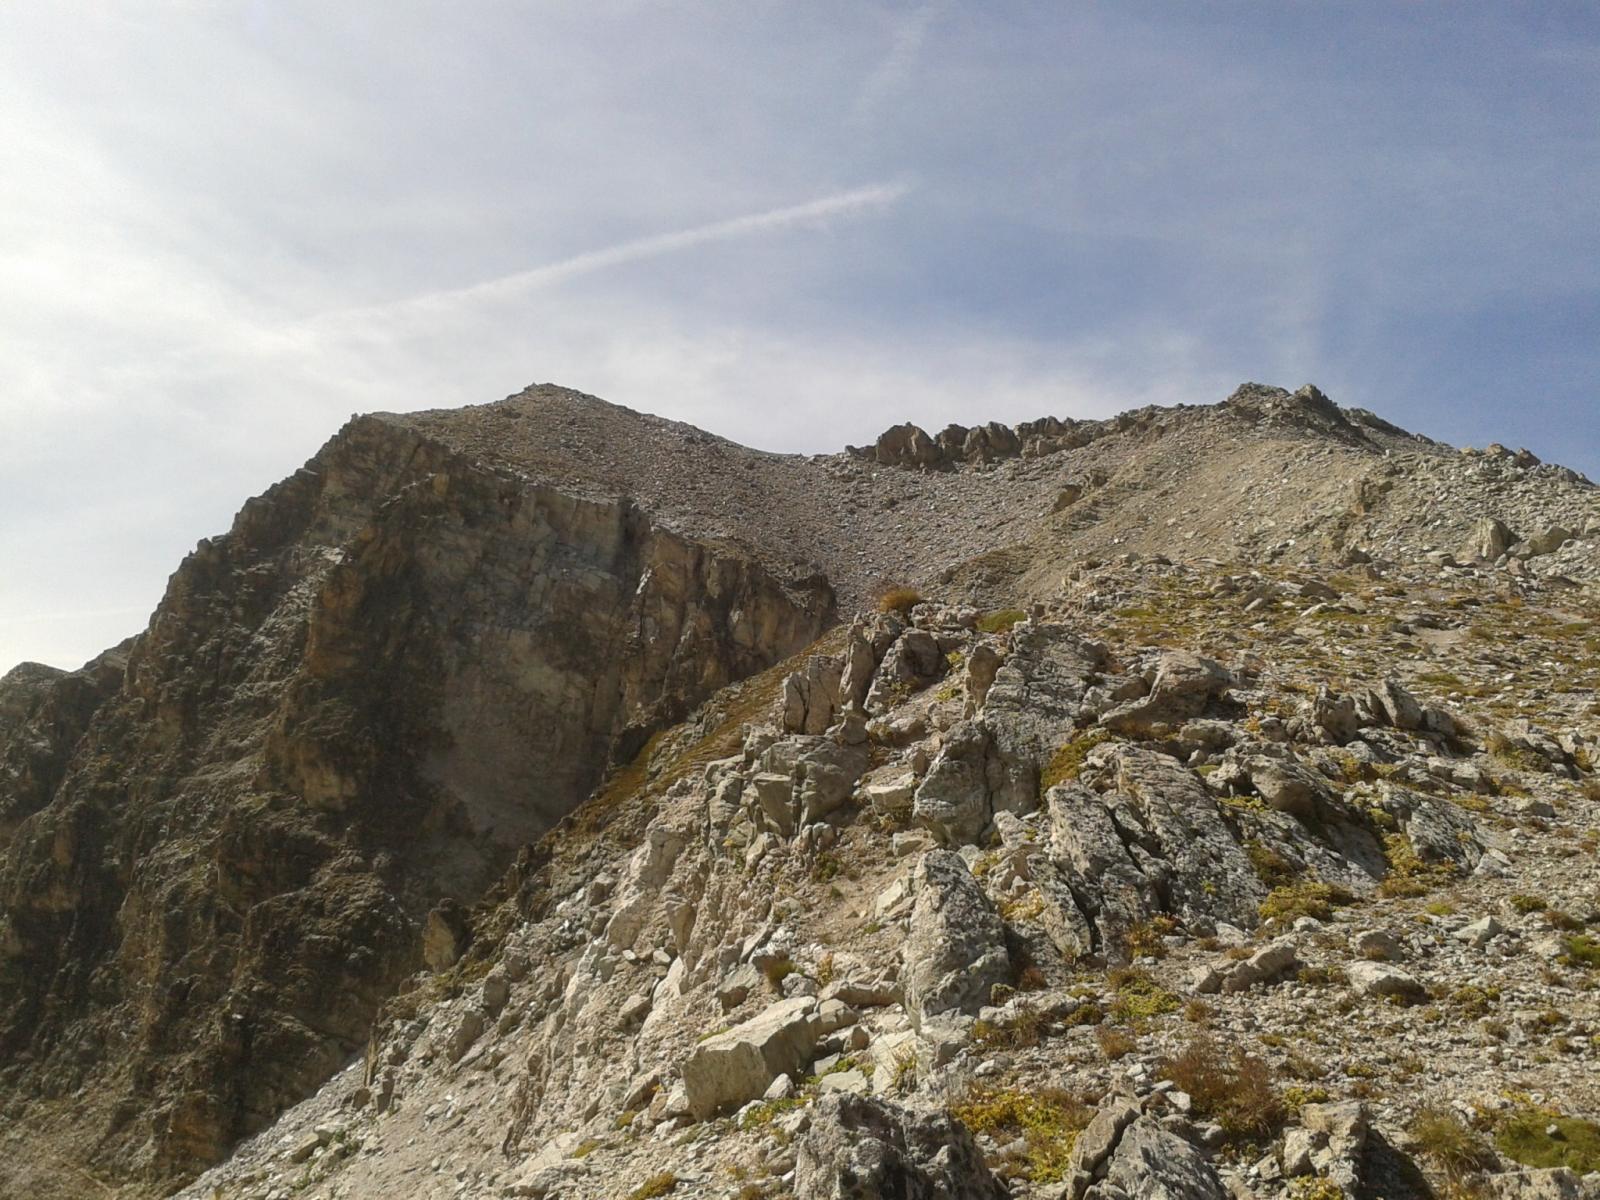 La cresta di salita e la vetta a sinistra.